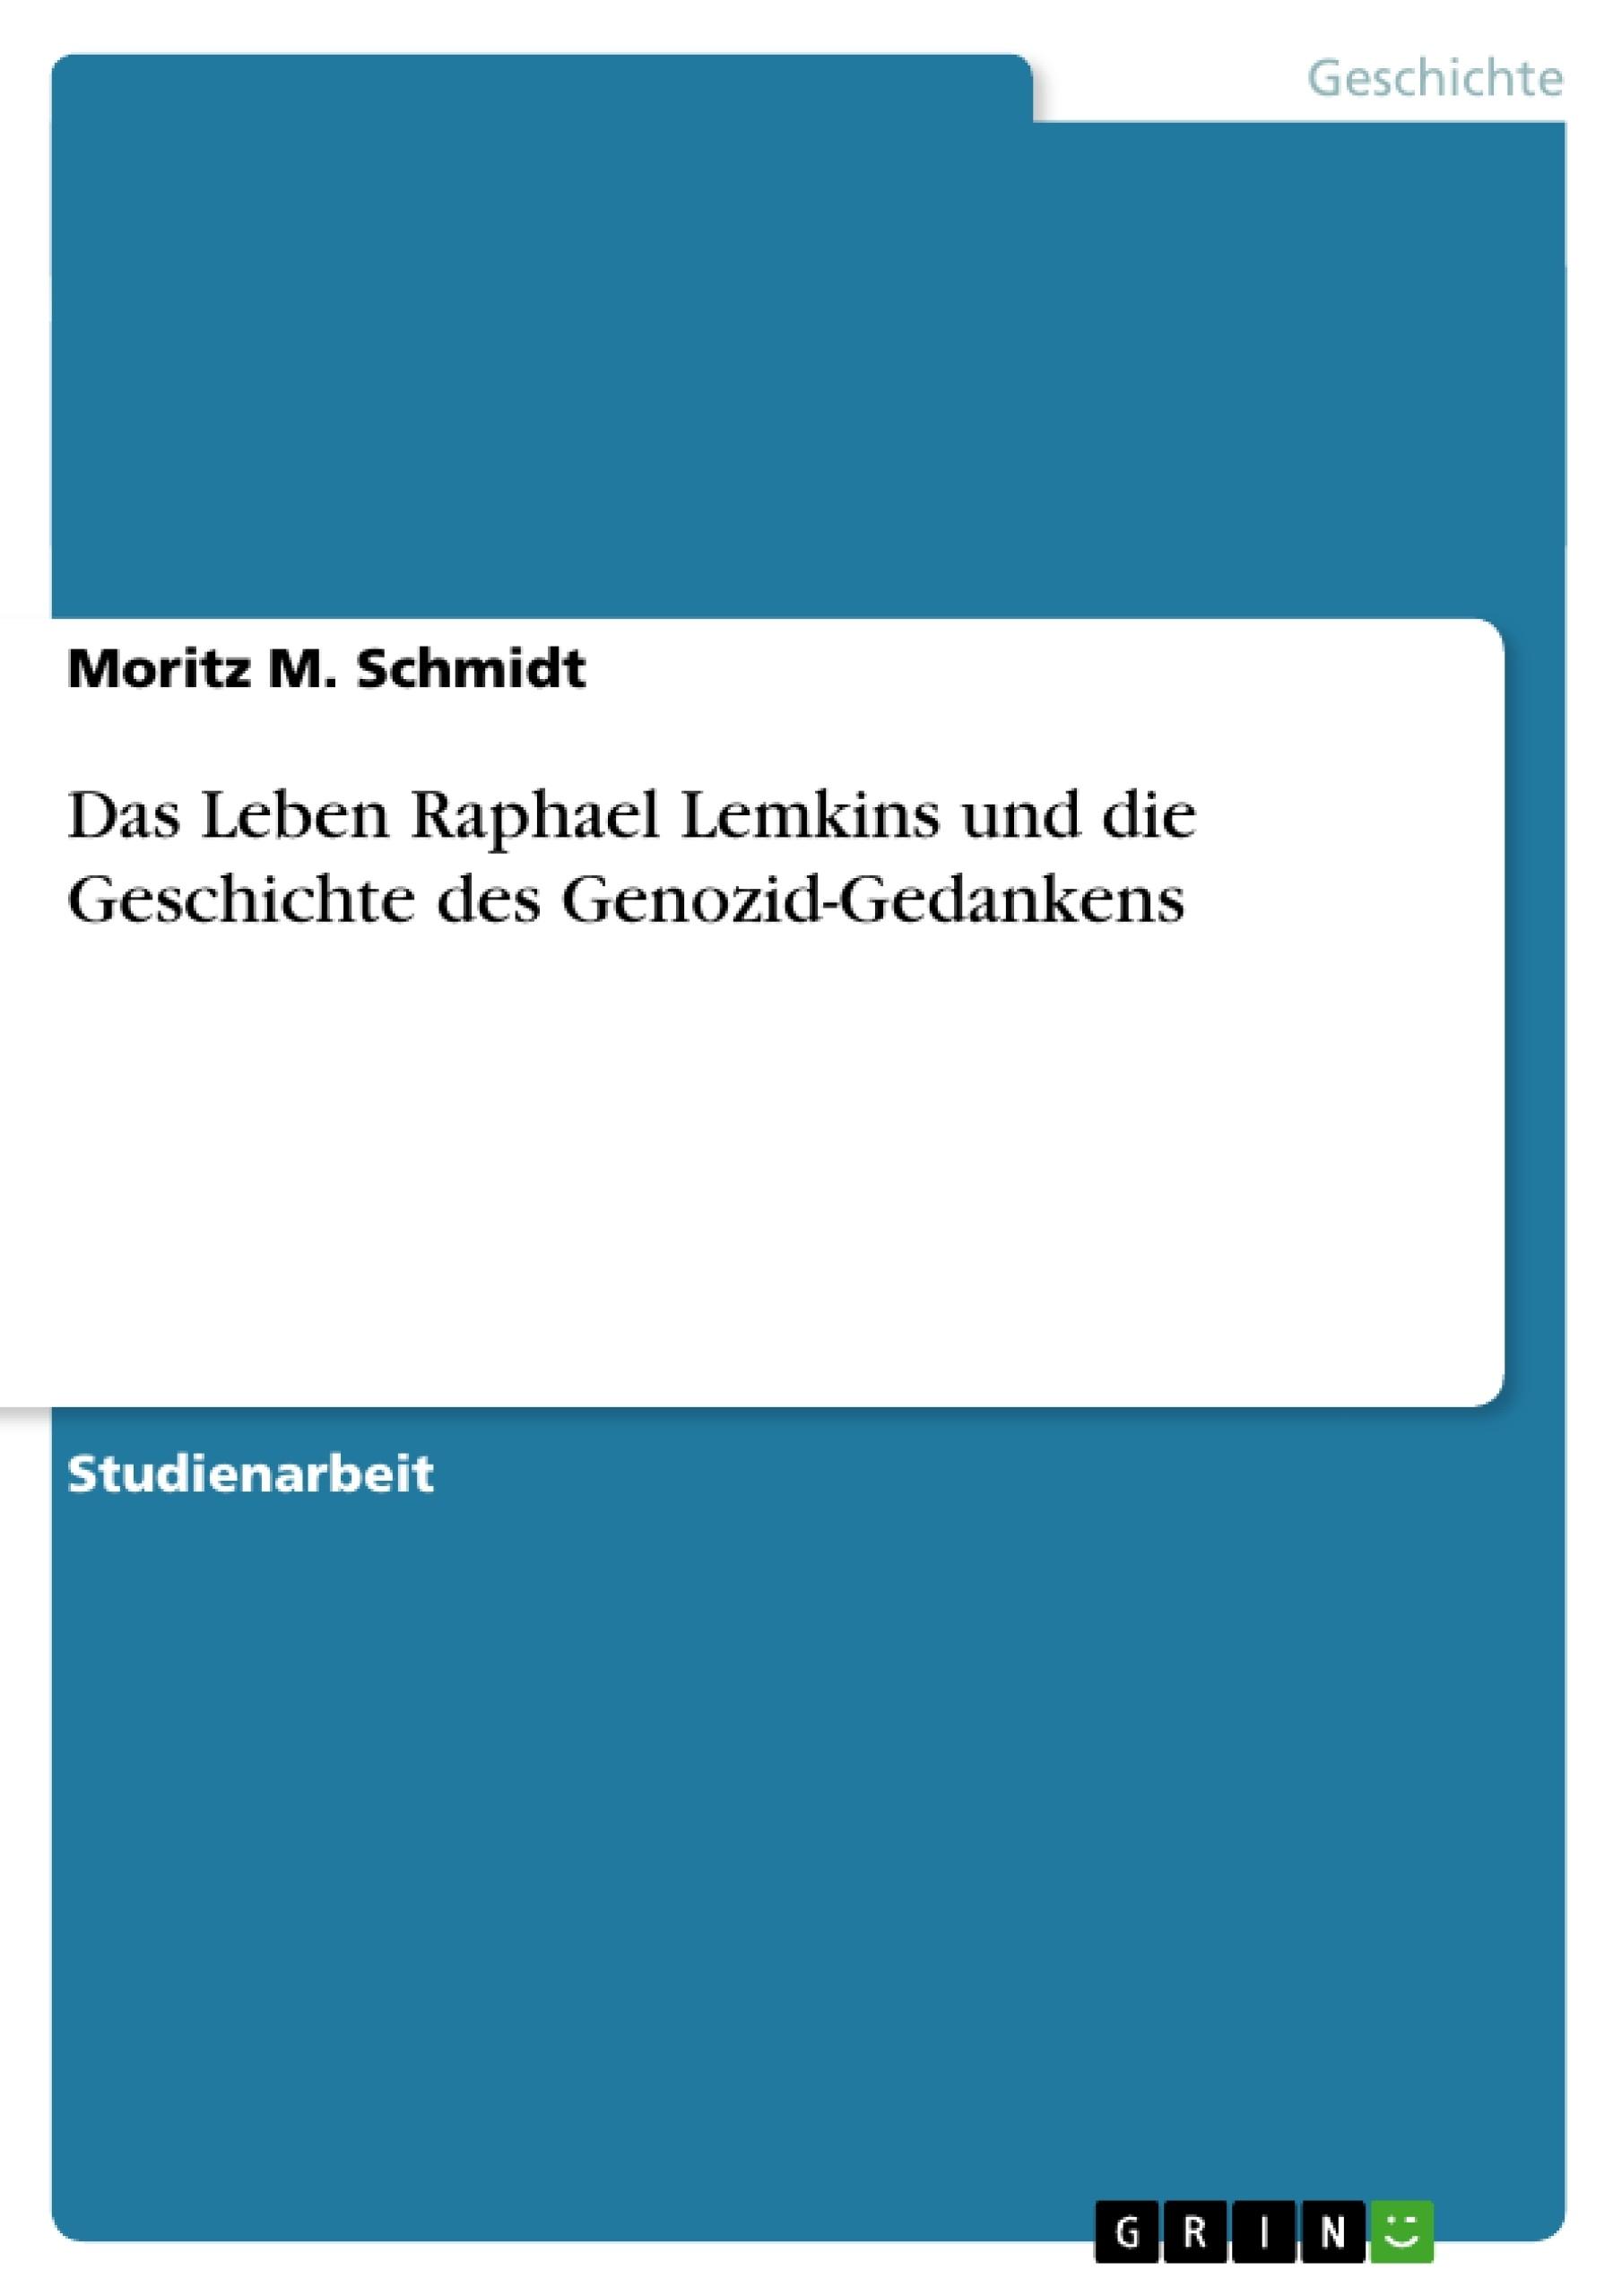 Titel: Das Leben Raphael Lemkins und die Geschichte des Genozid-Gedankens